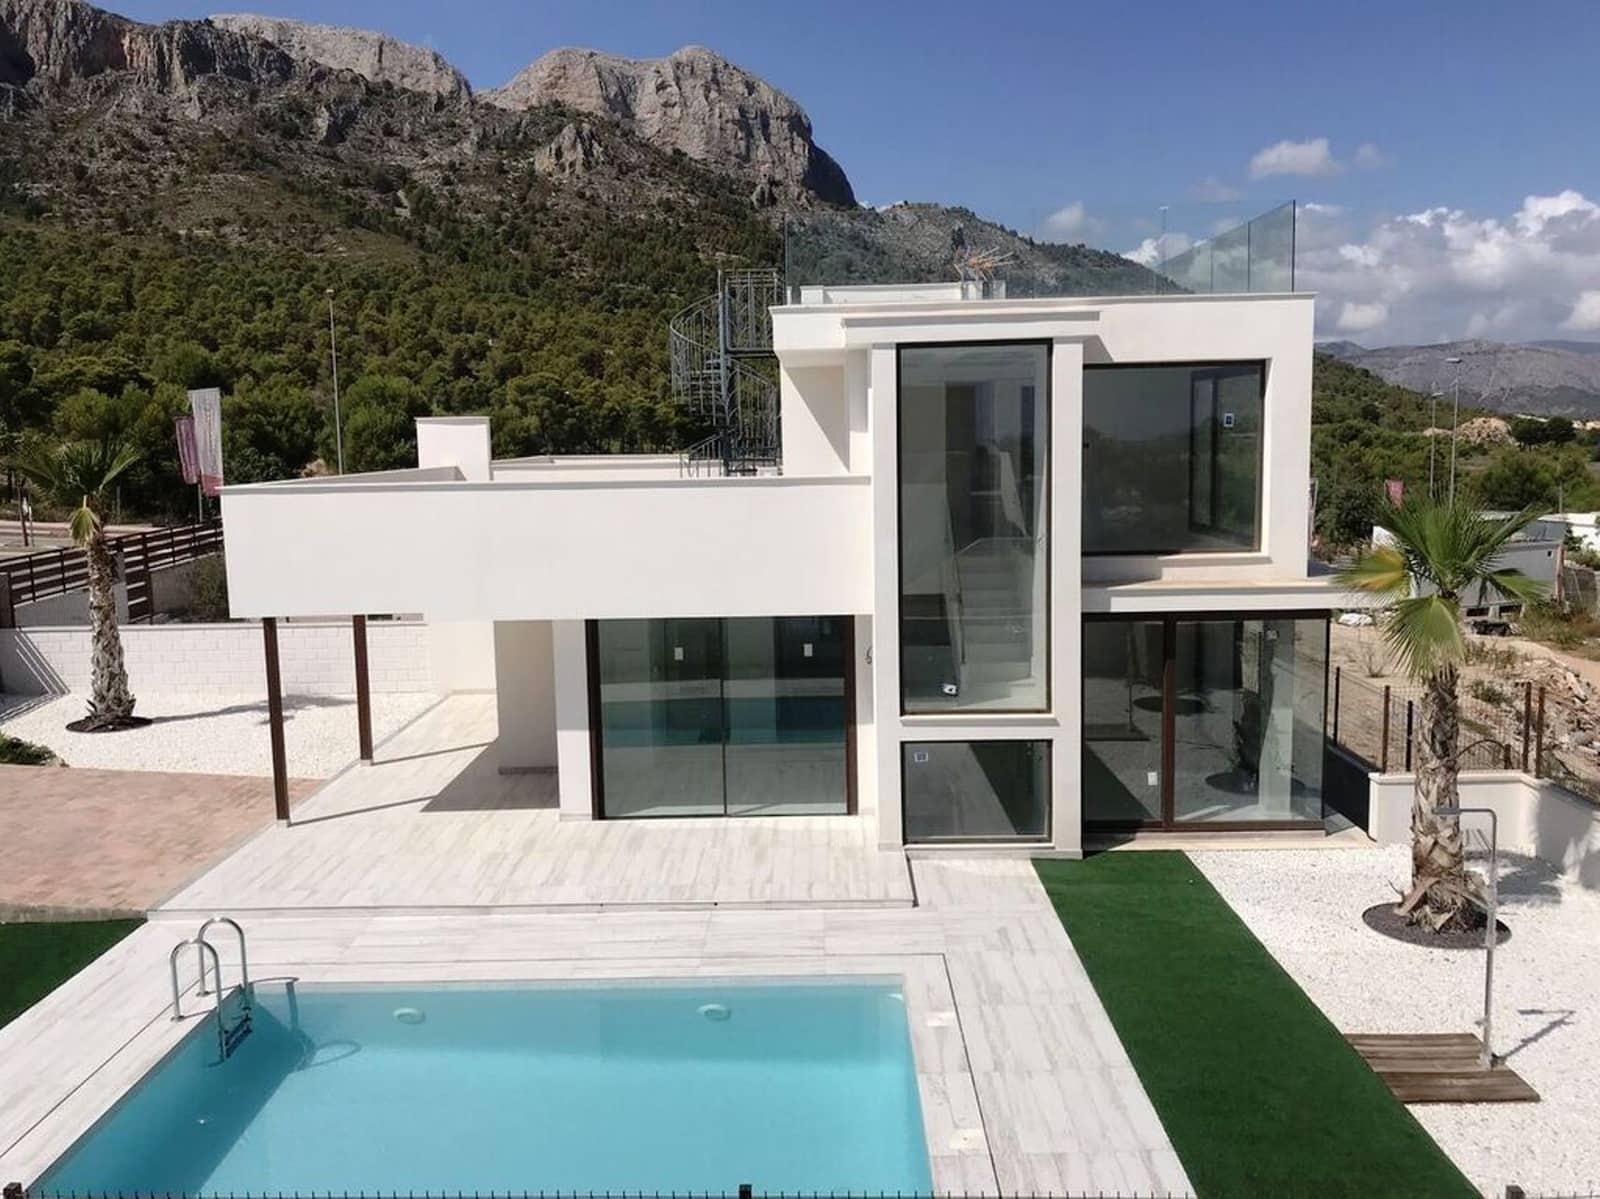 Chalet de 4 habitaciones en Polop en venta con piscina - 428.000 € (Ref: 4962827)